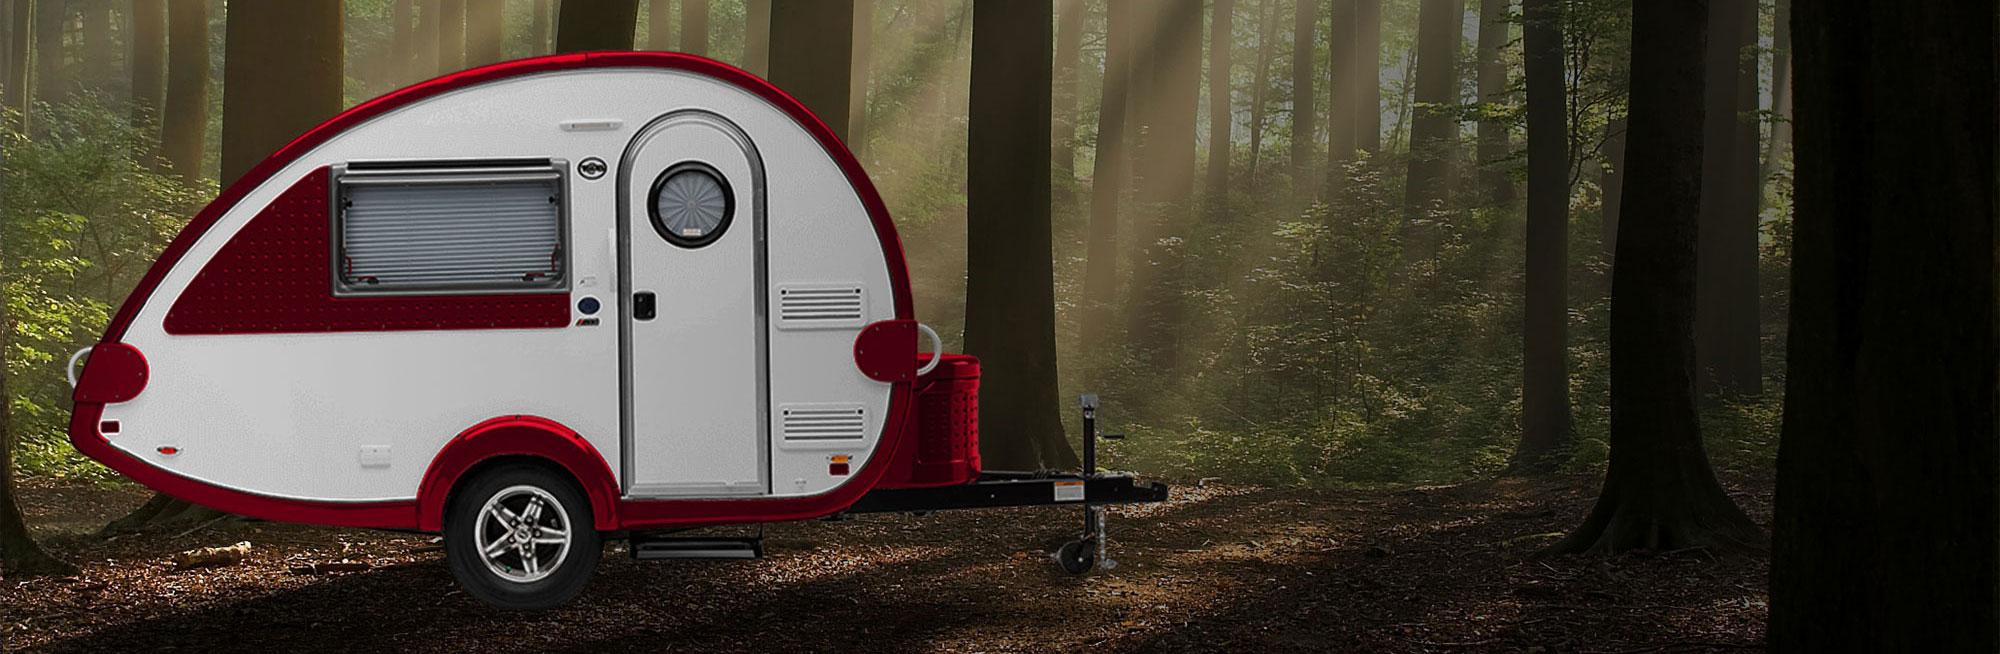 Bumgarner Camping Center Rv Sales In Lenoir Nc